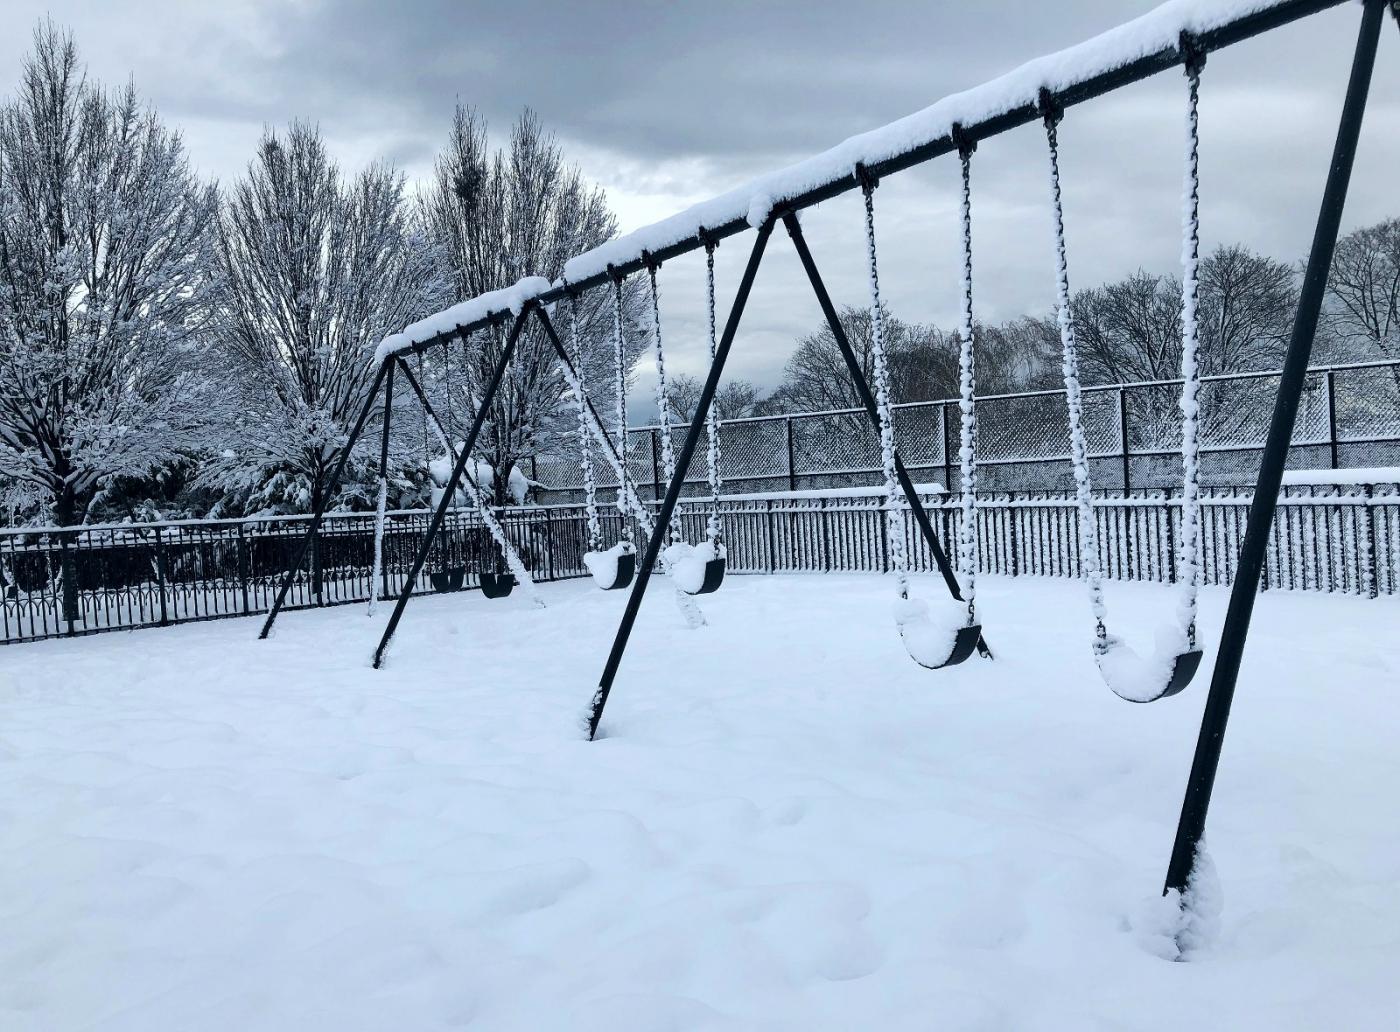 【田螺手机摄影】在纽约市拍雪景、还是中央公园最漂亮_图1-32